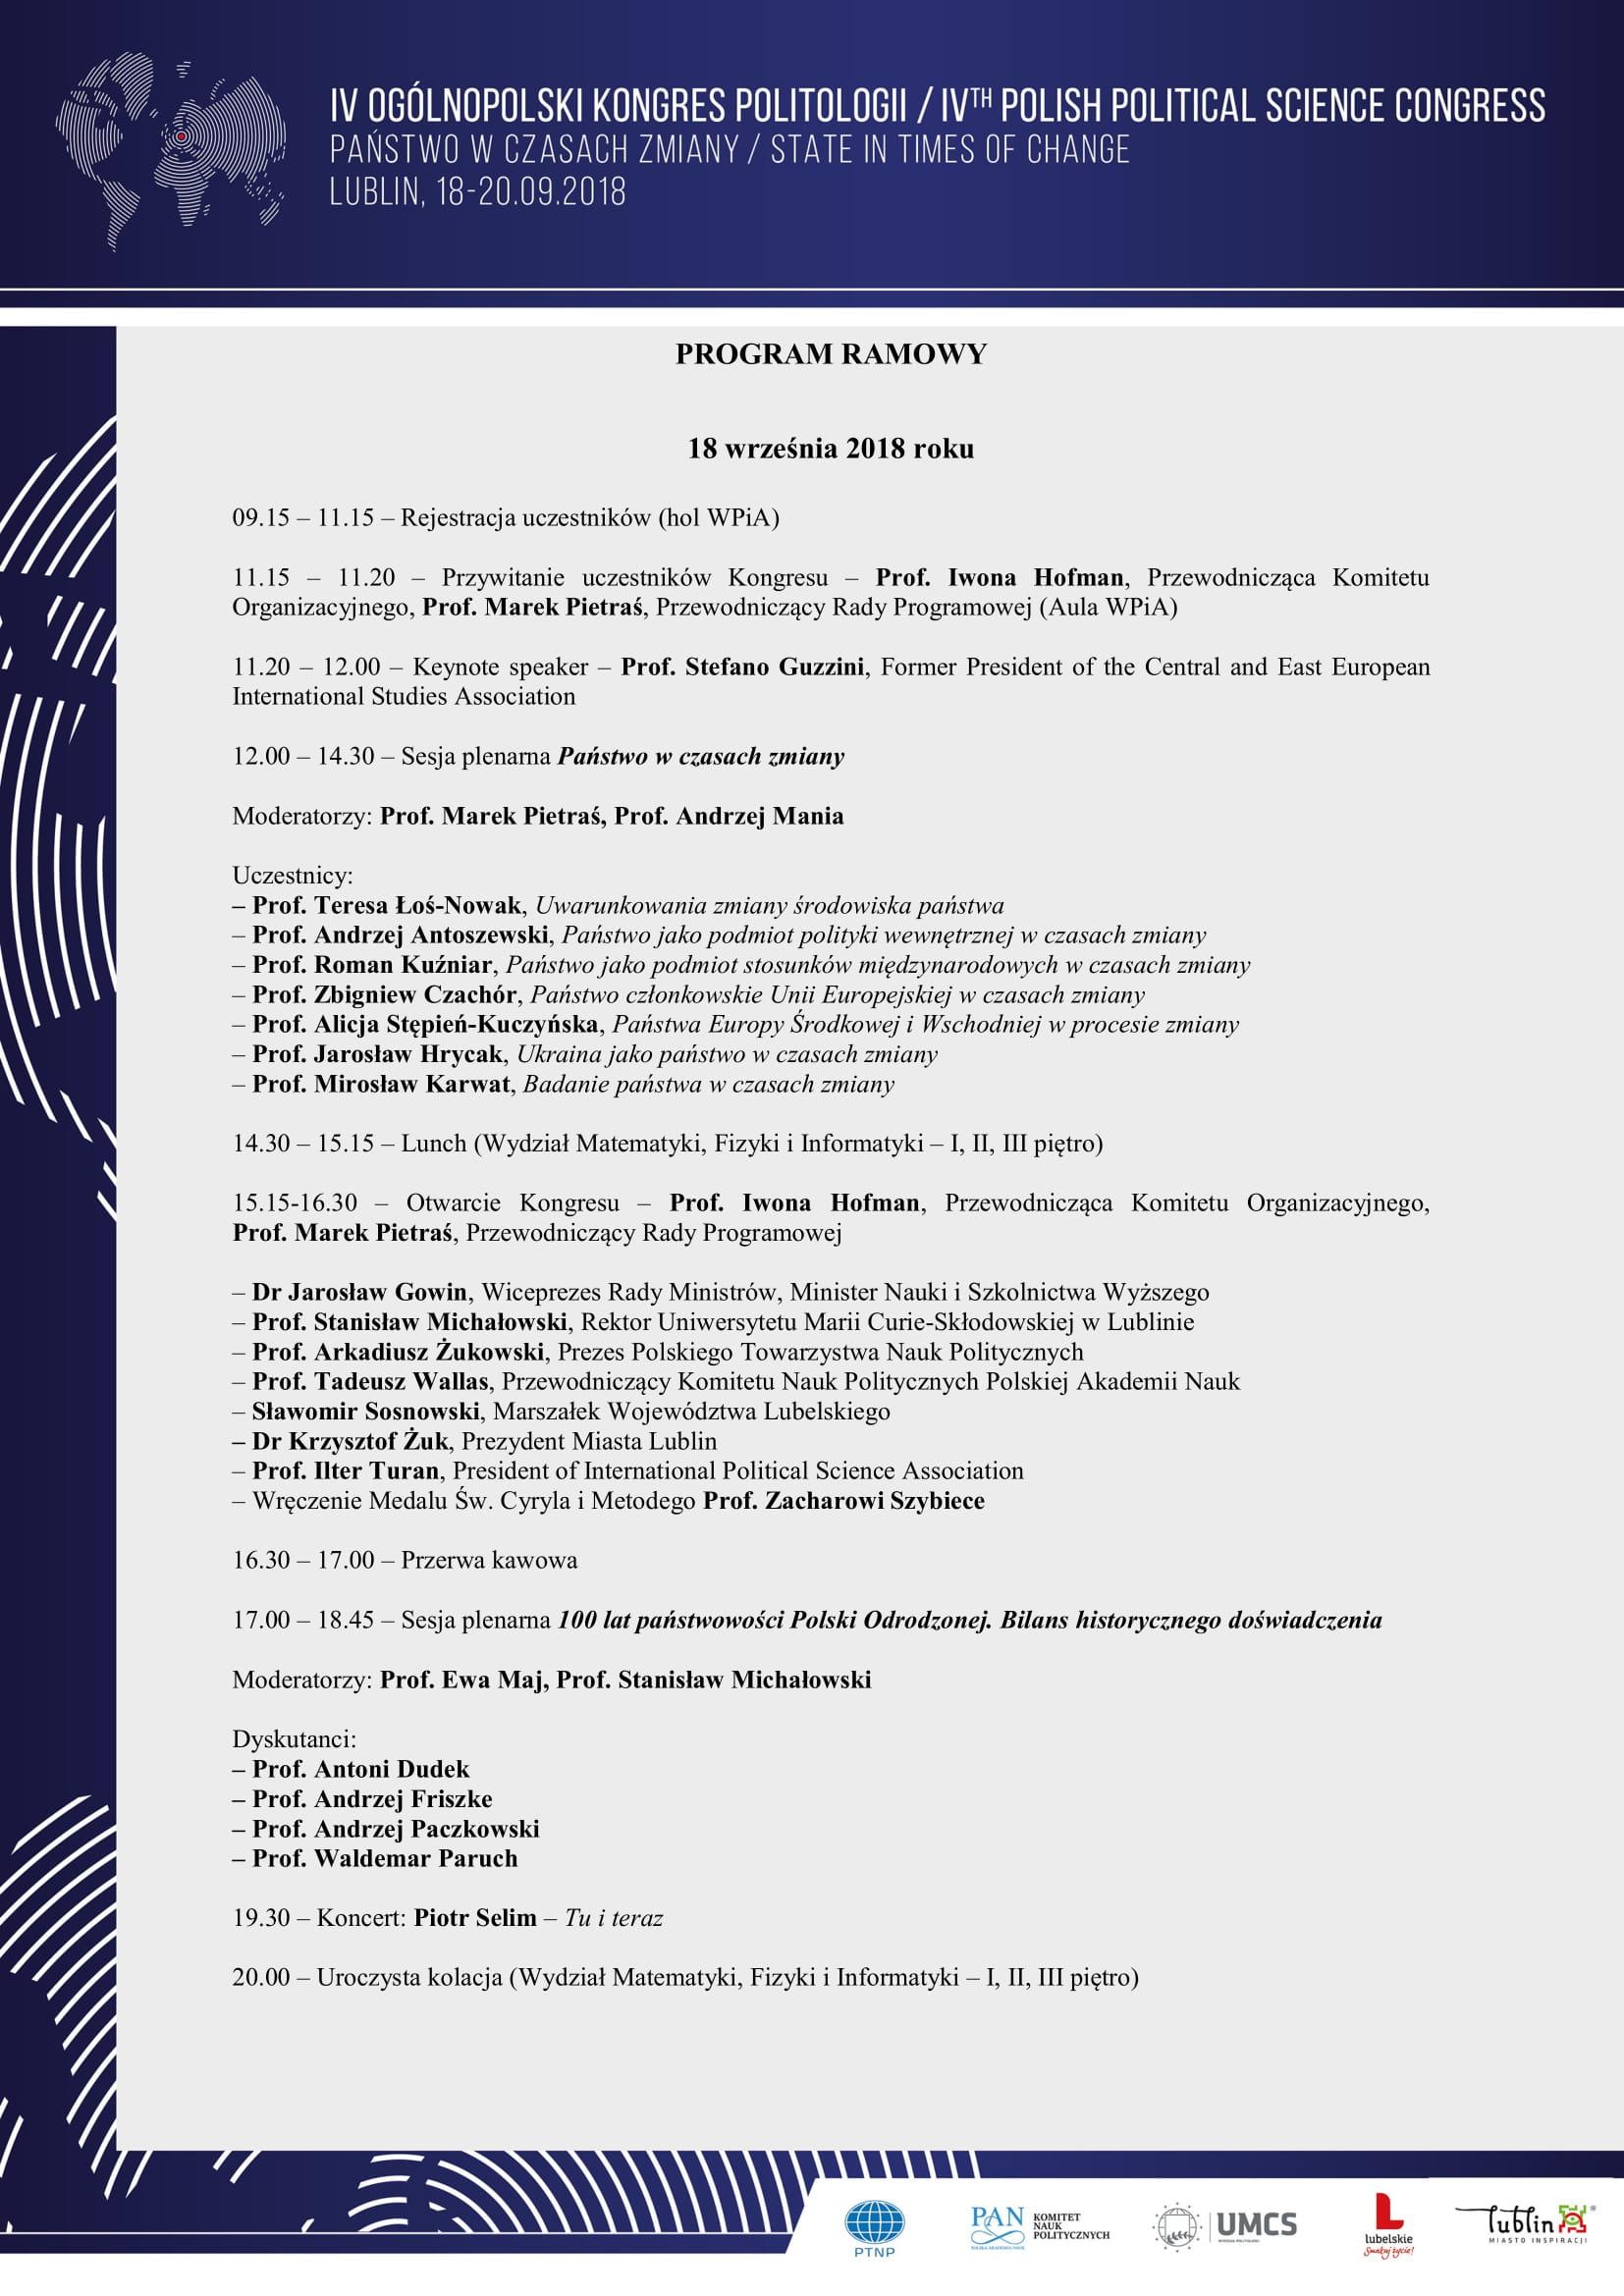 Program ramowy IV Ogólnopolskiego Kongresu Politologii - Państwo w  czasach zmiany-1.jpg